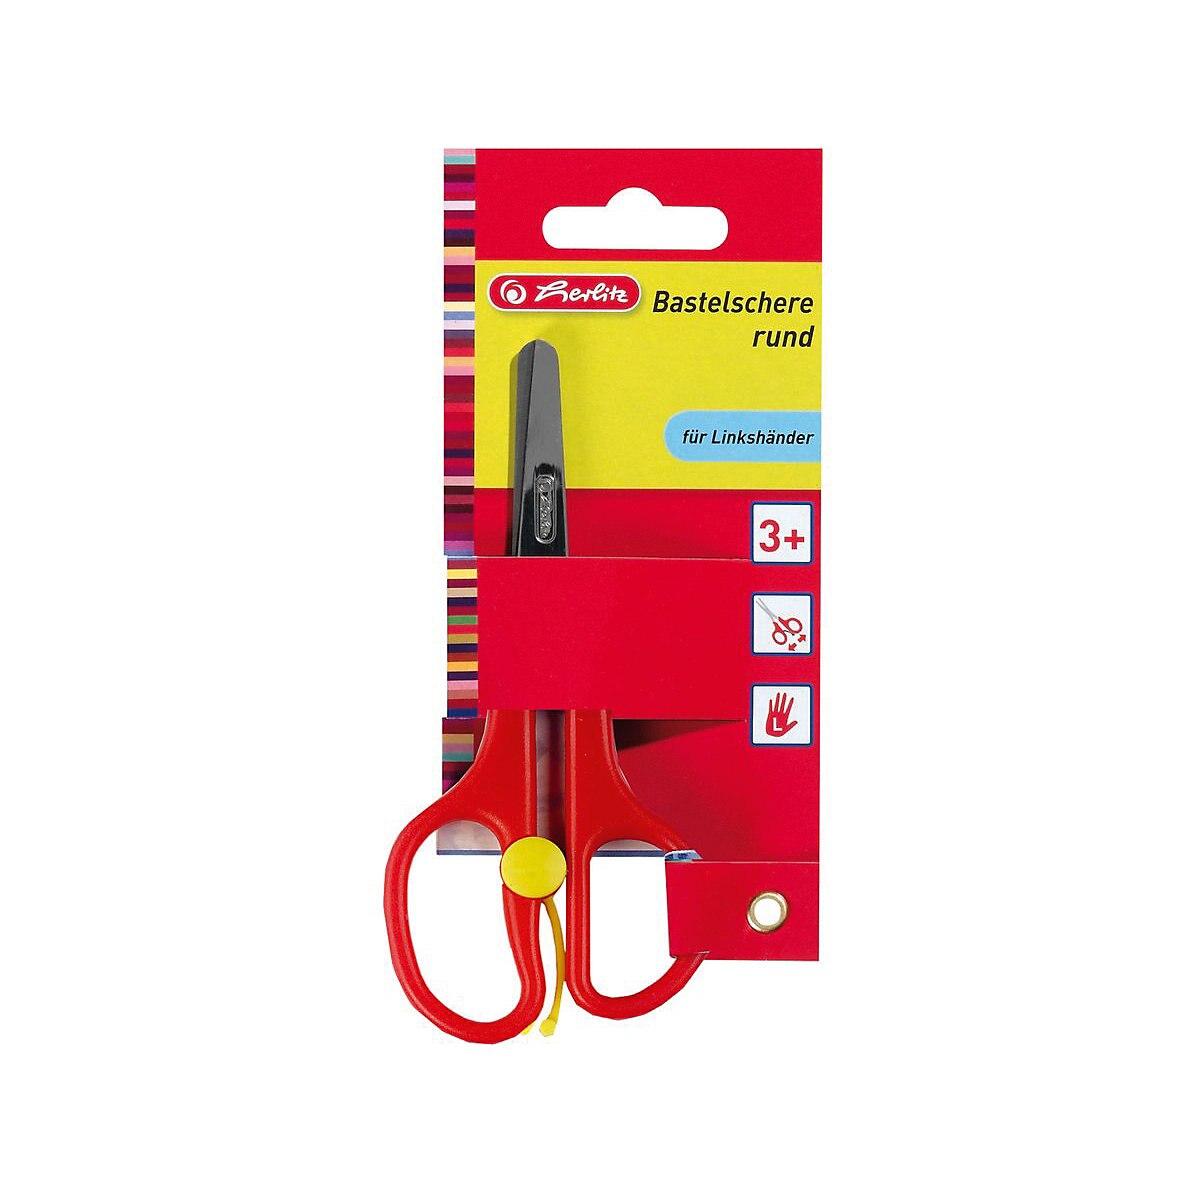 HERLITZ Scissors 6892627 Office Scissor For School For Children For Boys And Girls MTpromo